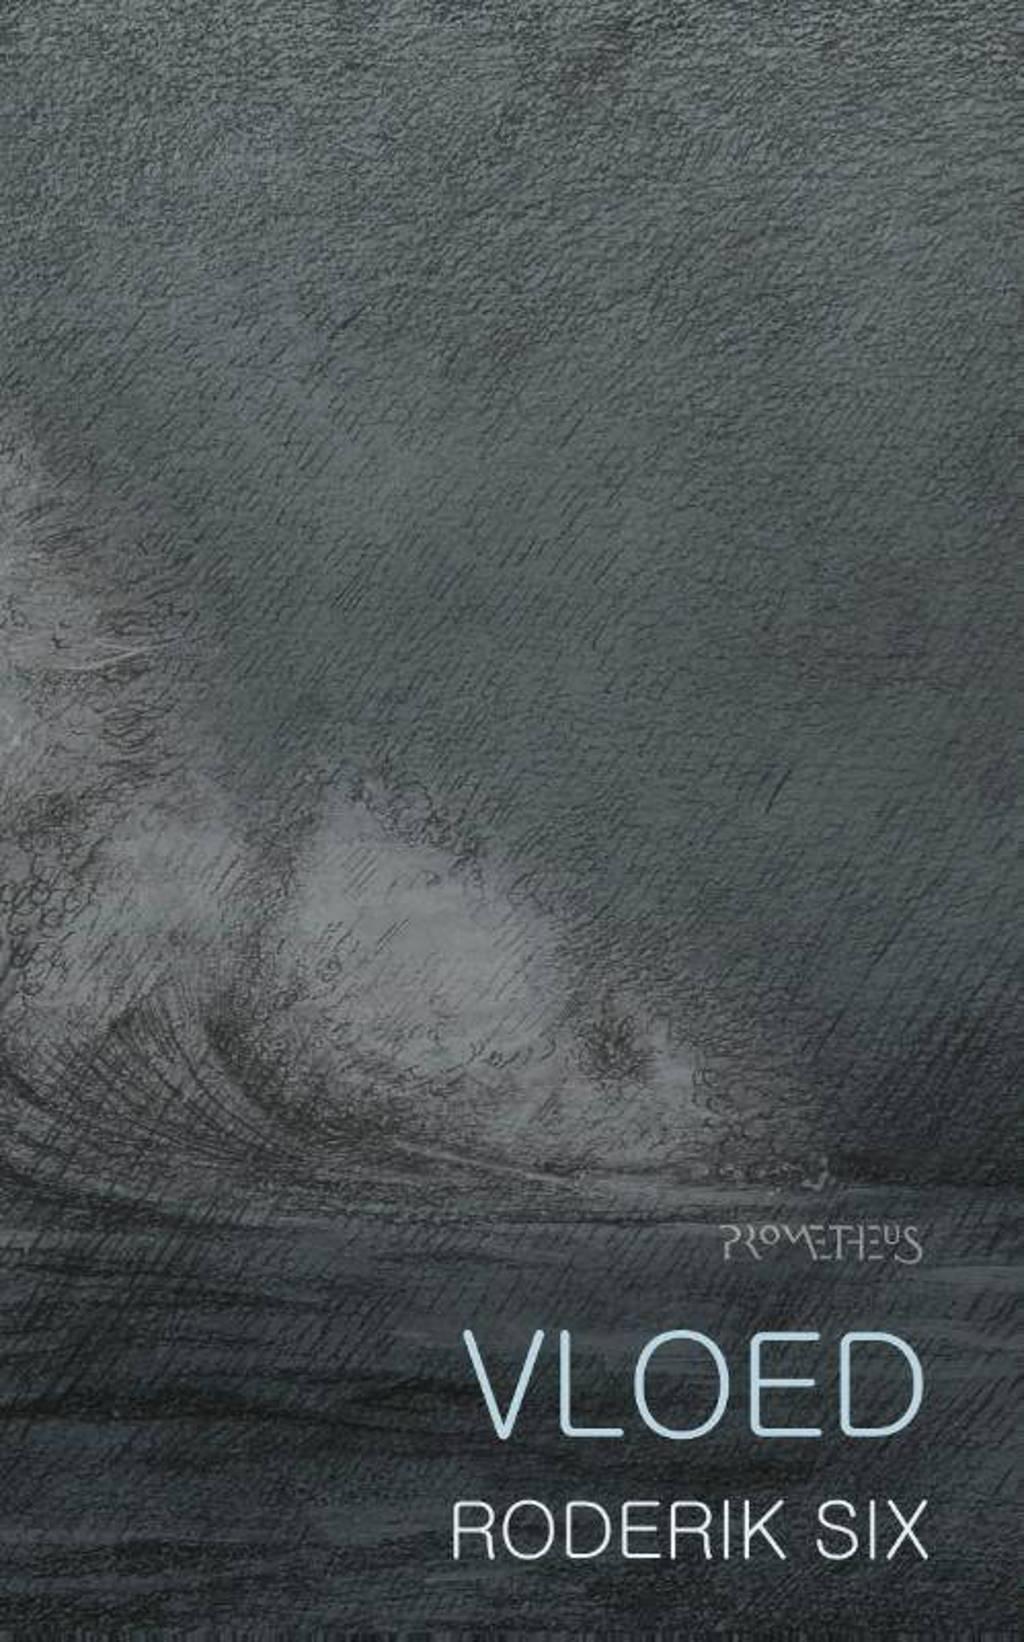 Vloed - Roderik Six